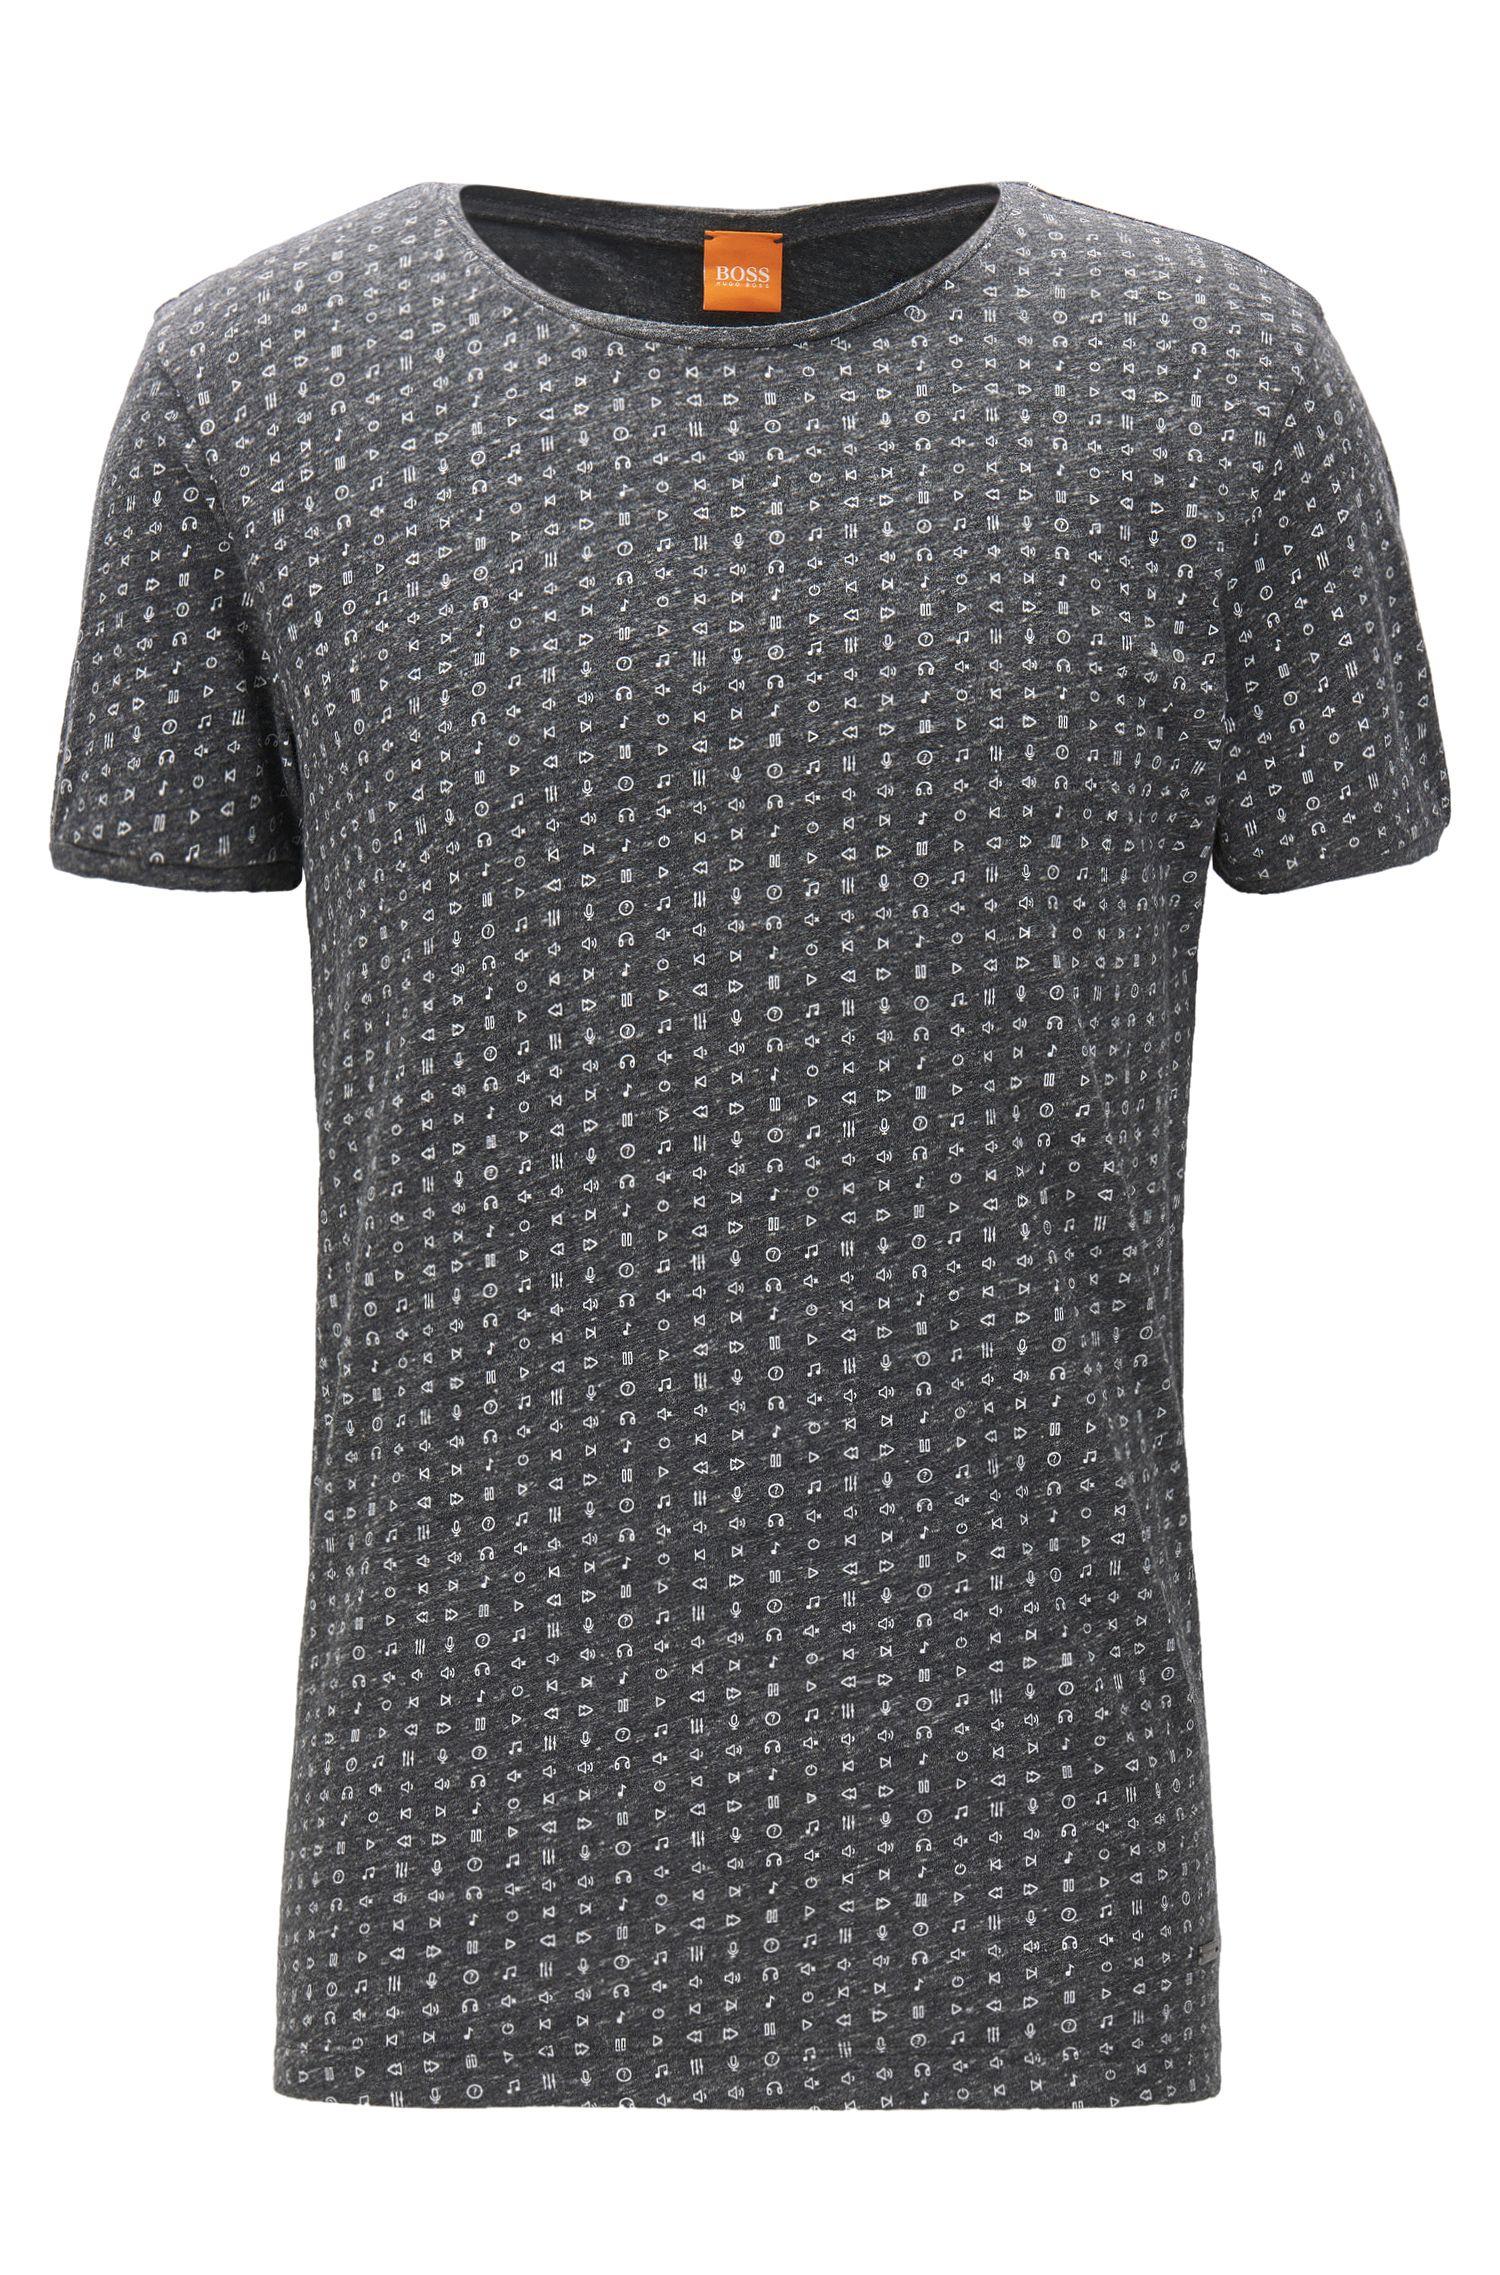 Heather Cotton Jersey T-Shirt | Touching